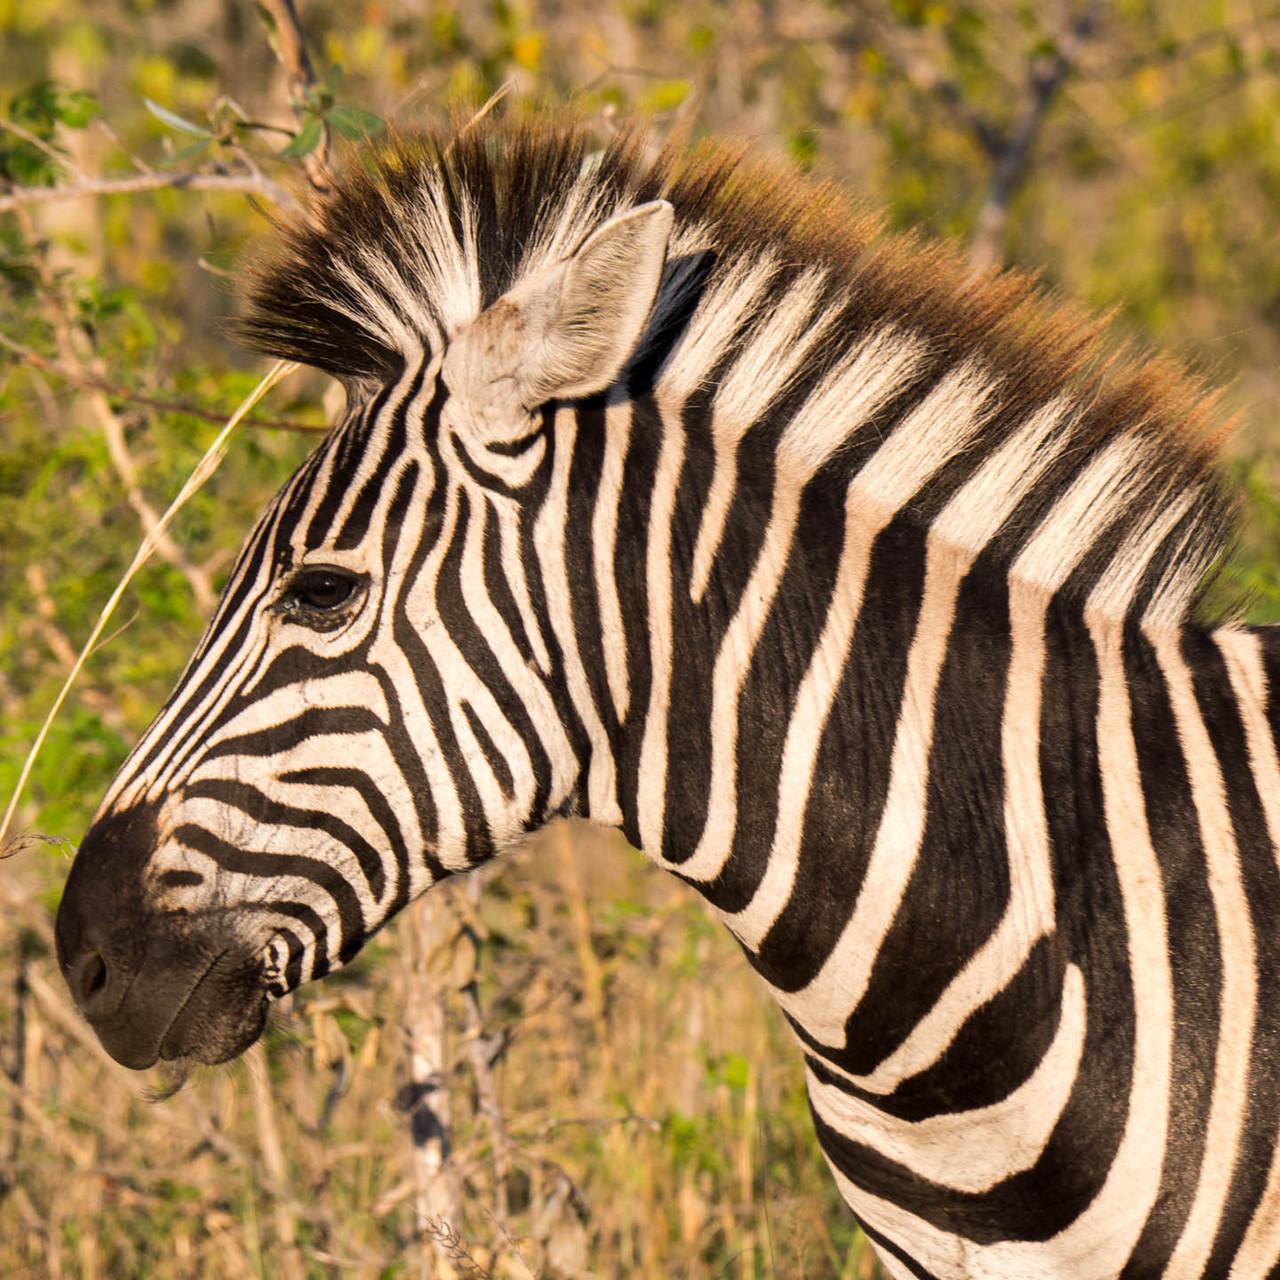 Zebra [Kruger Park, South Africa, 2015]